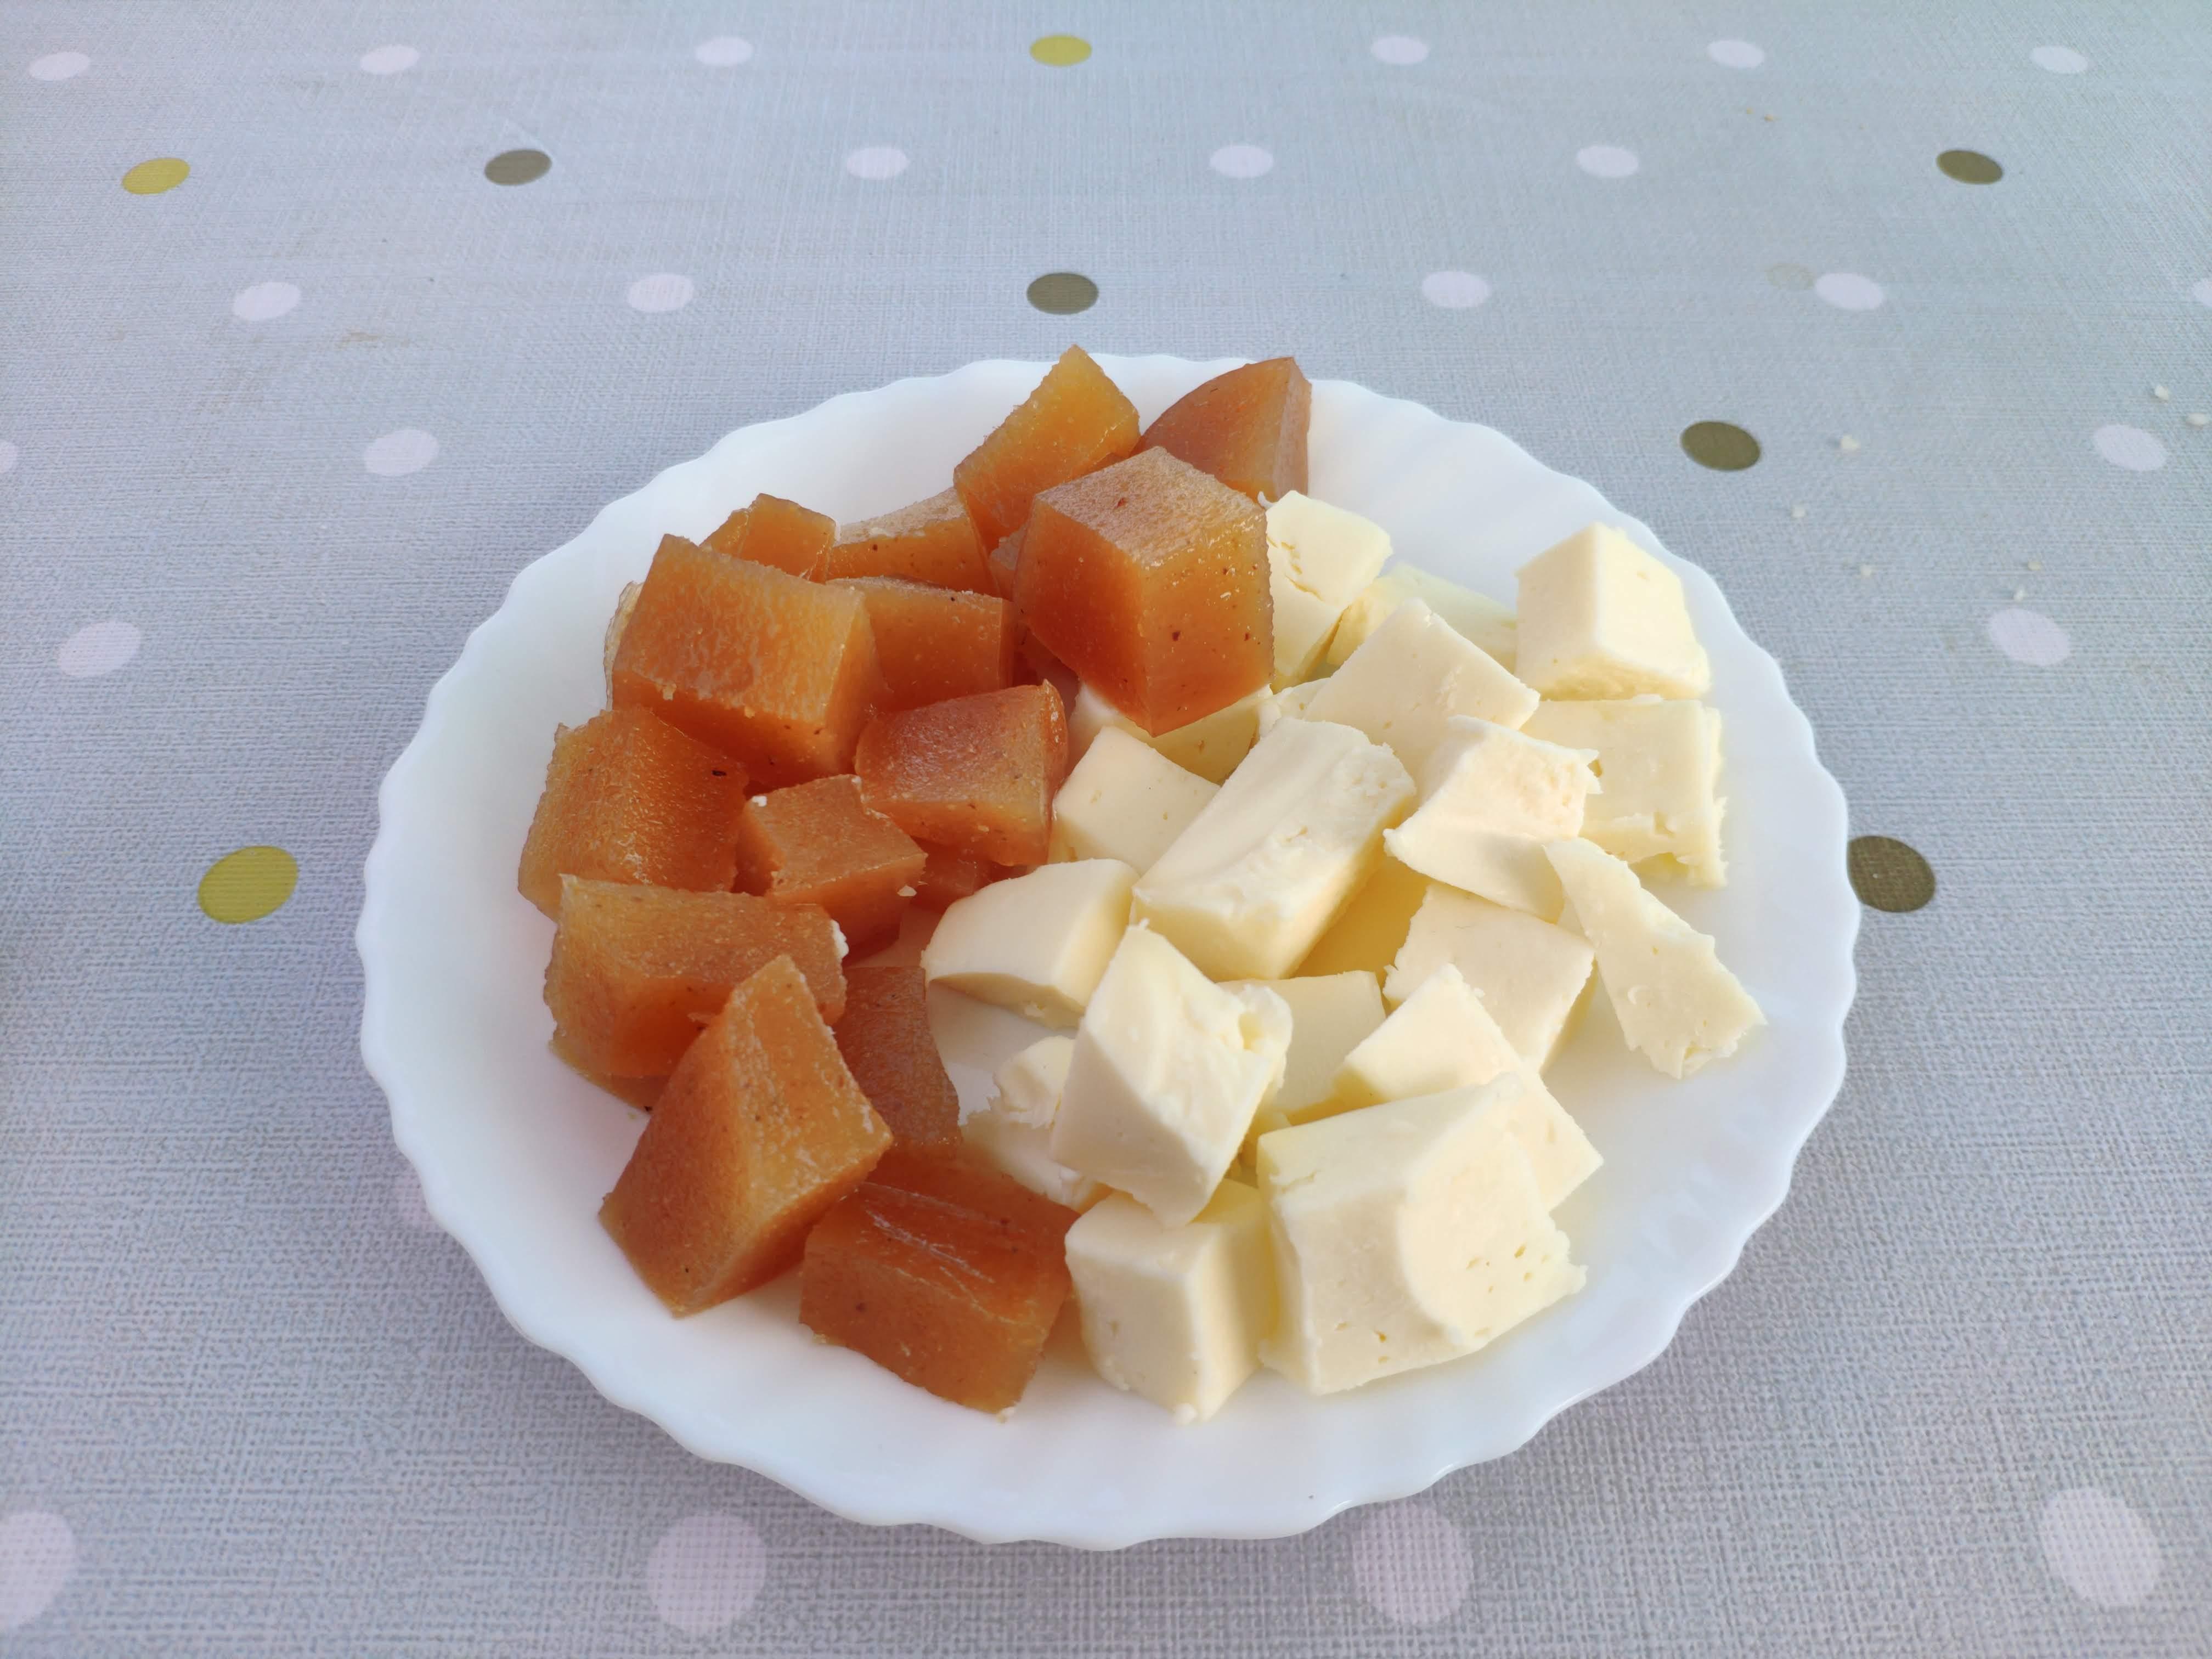 https://foodloader.net/nico_2020-09-13_kaese-und-fruchtgelle-nachtisch.jpg